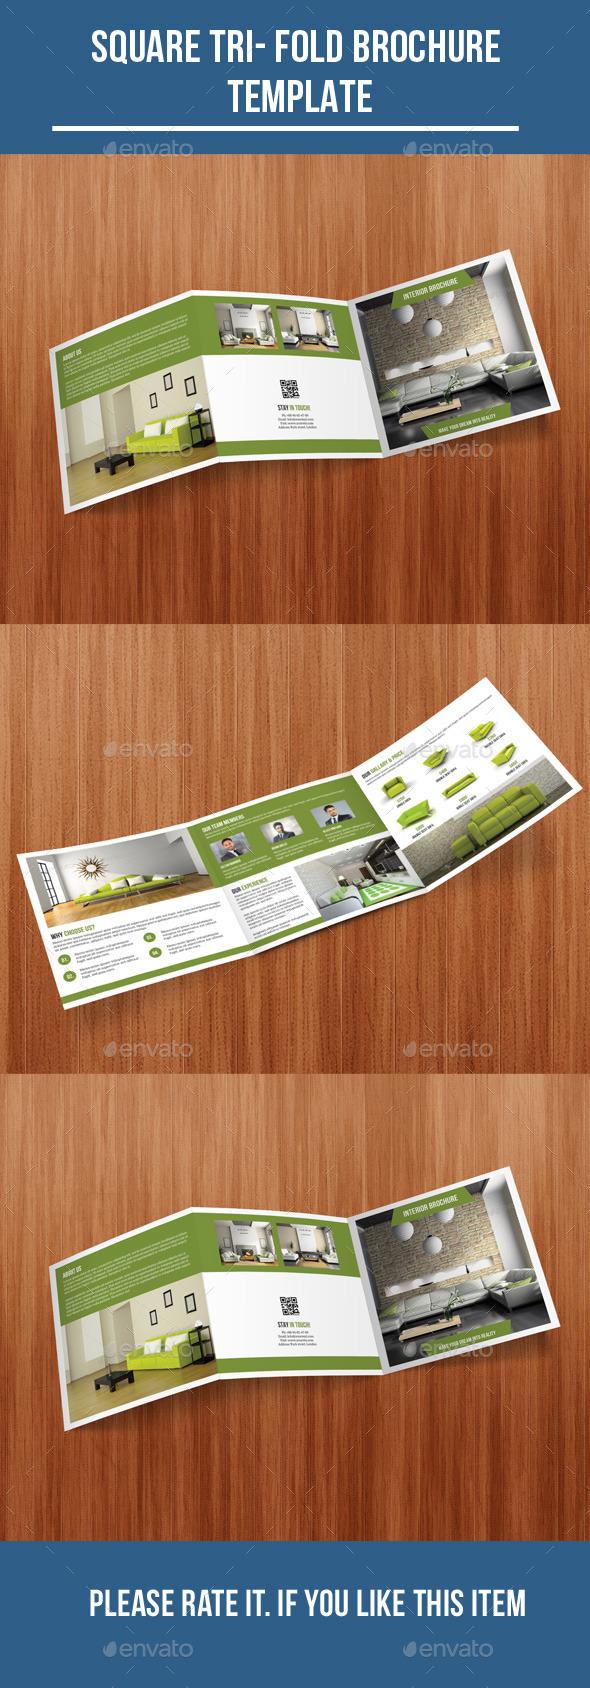 Square Tri- Fold Interior Brochure - Corporate Brochures